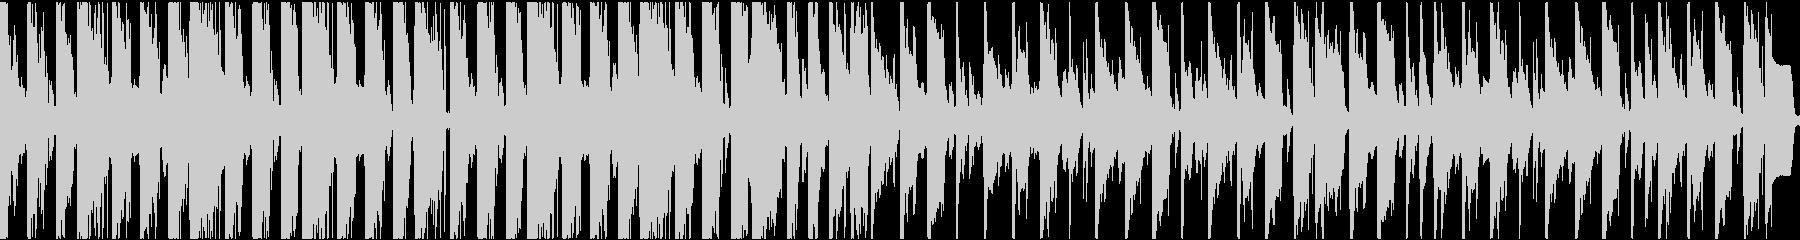 焦燥感のあるBGM ver.2(Loopの未再生の波形